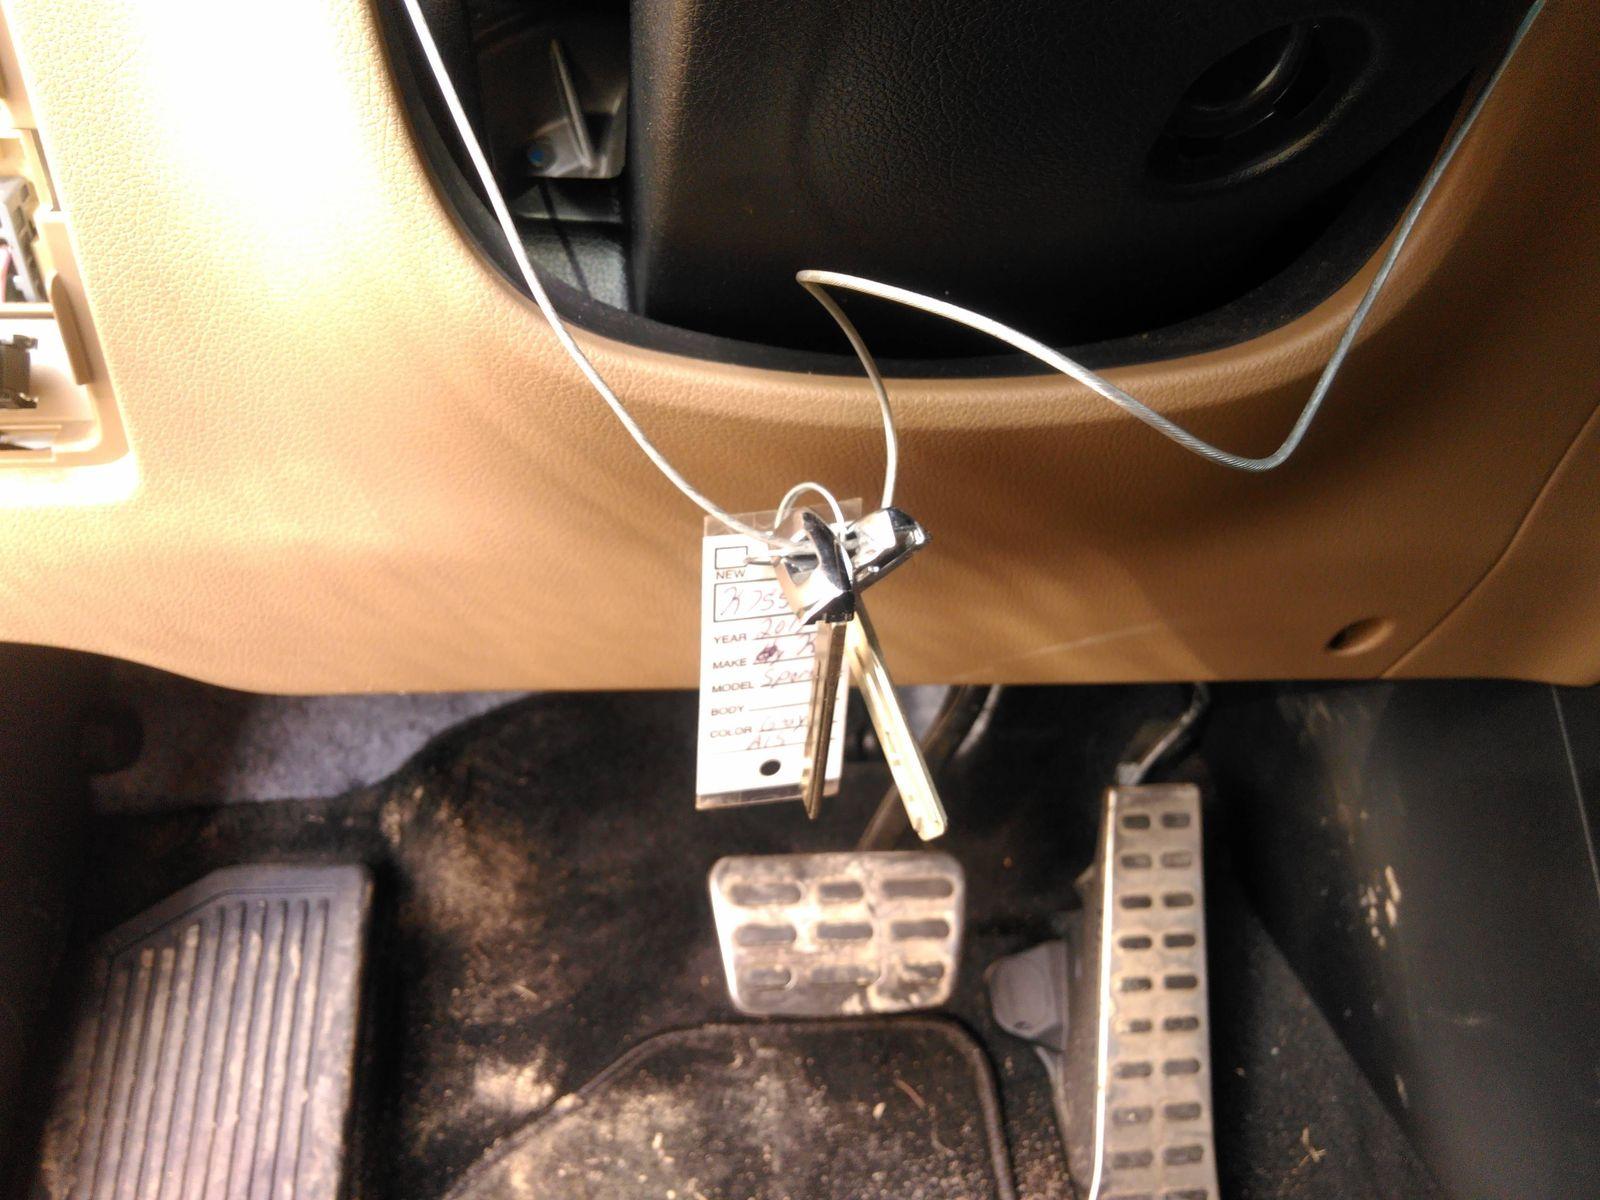 2019 KIA SPORTAGE AWD 4C SX TURBO - 19